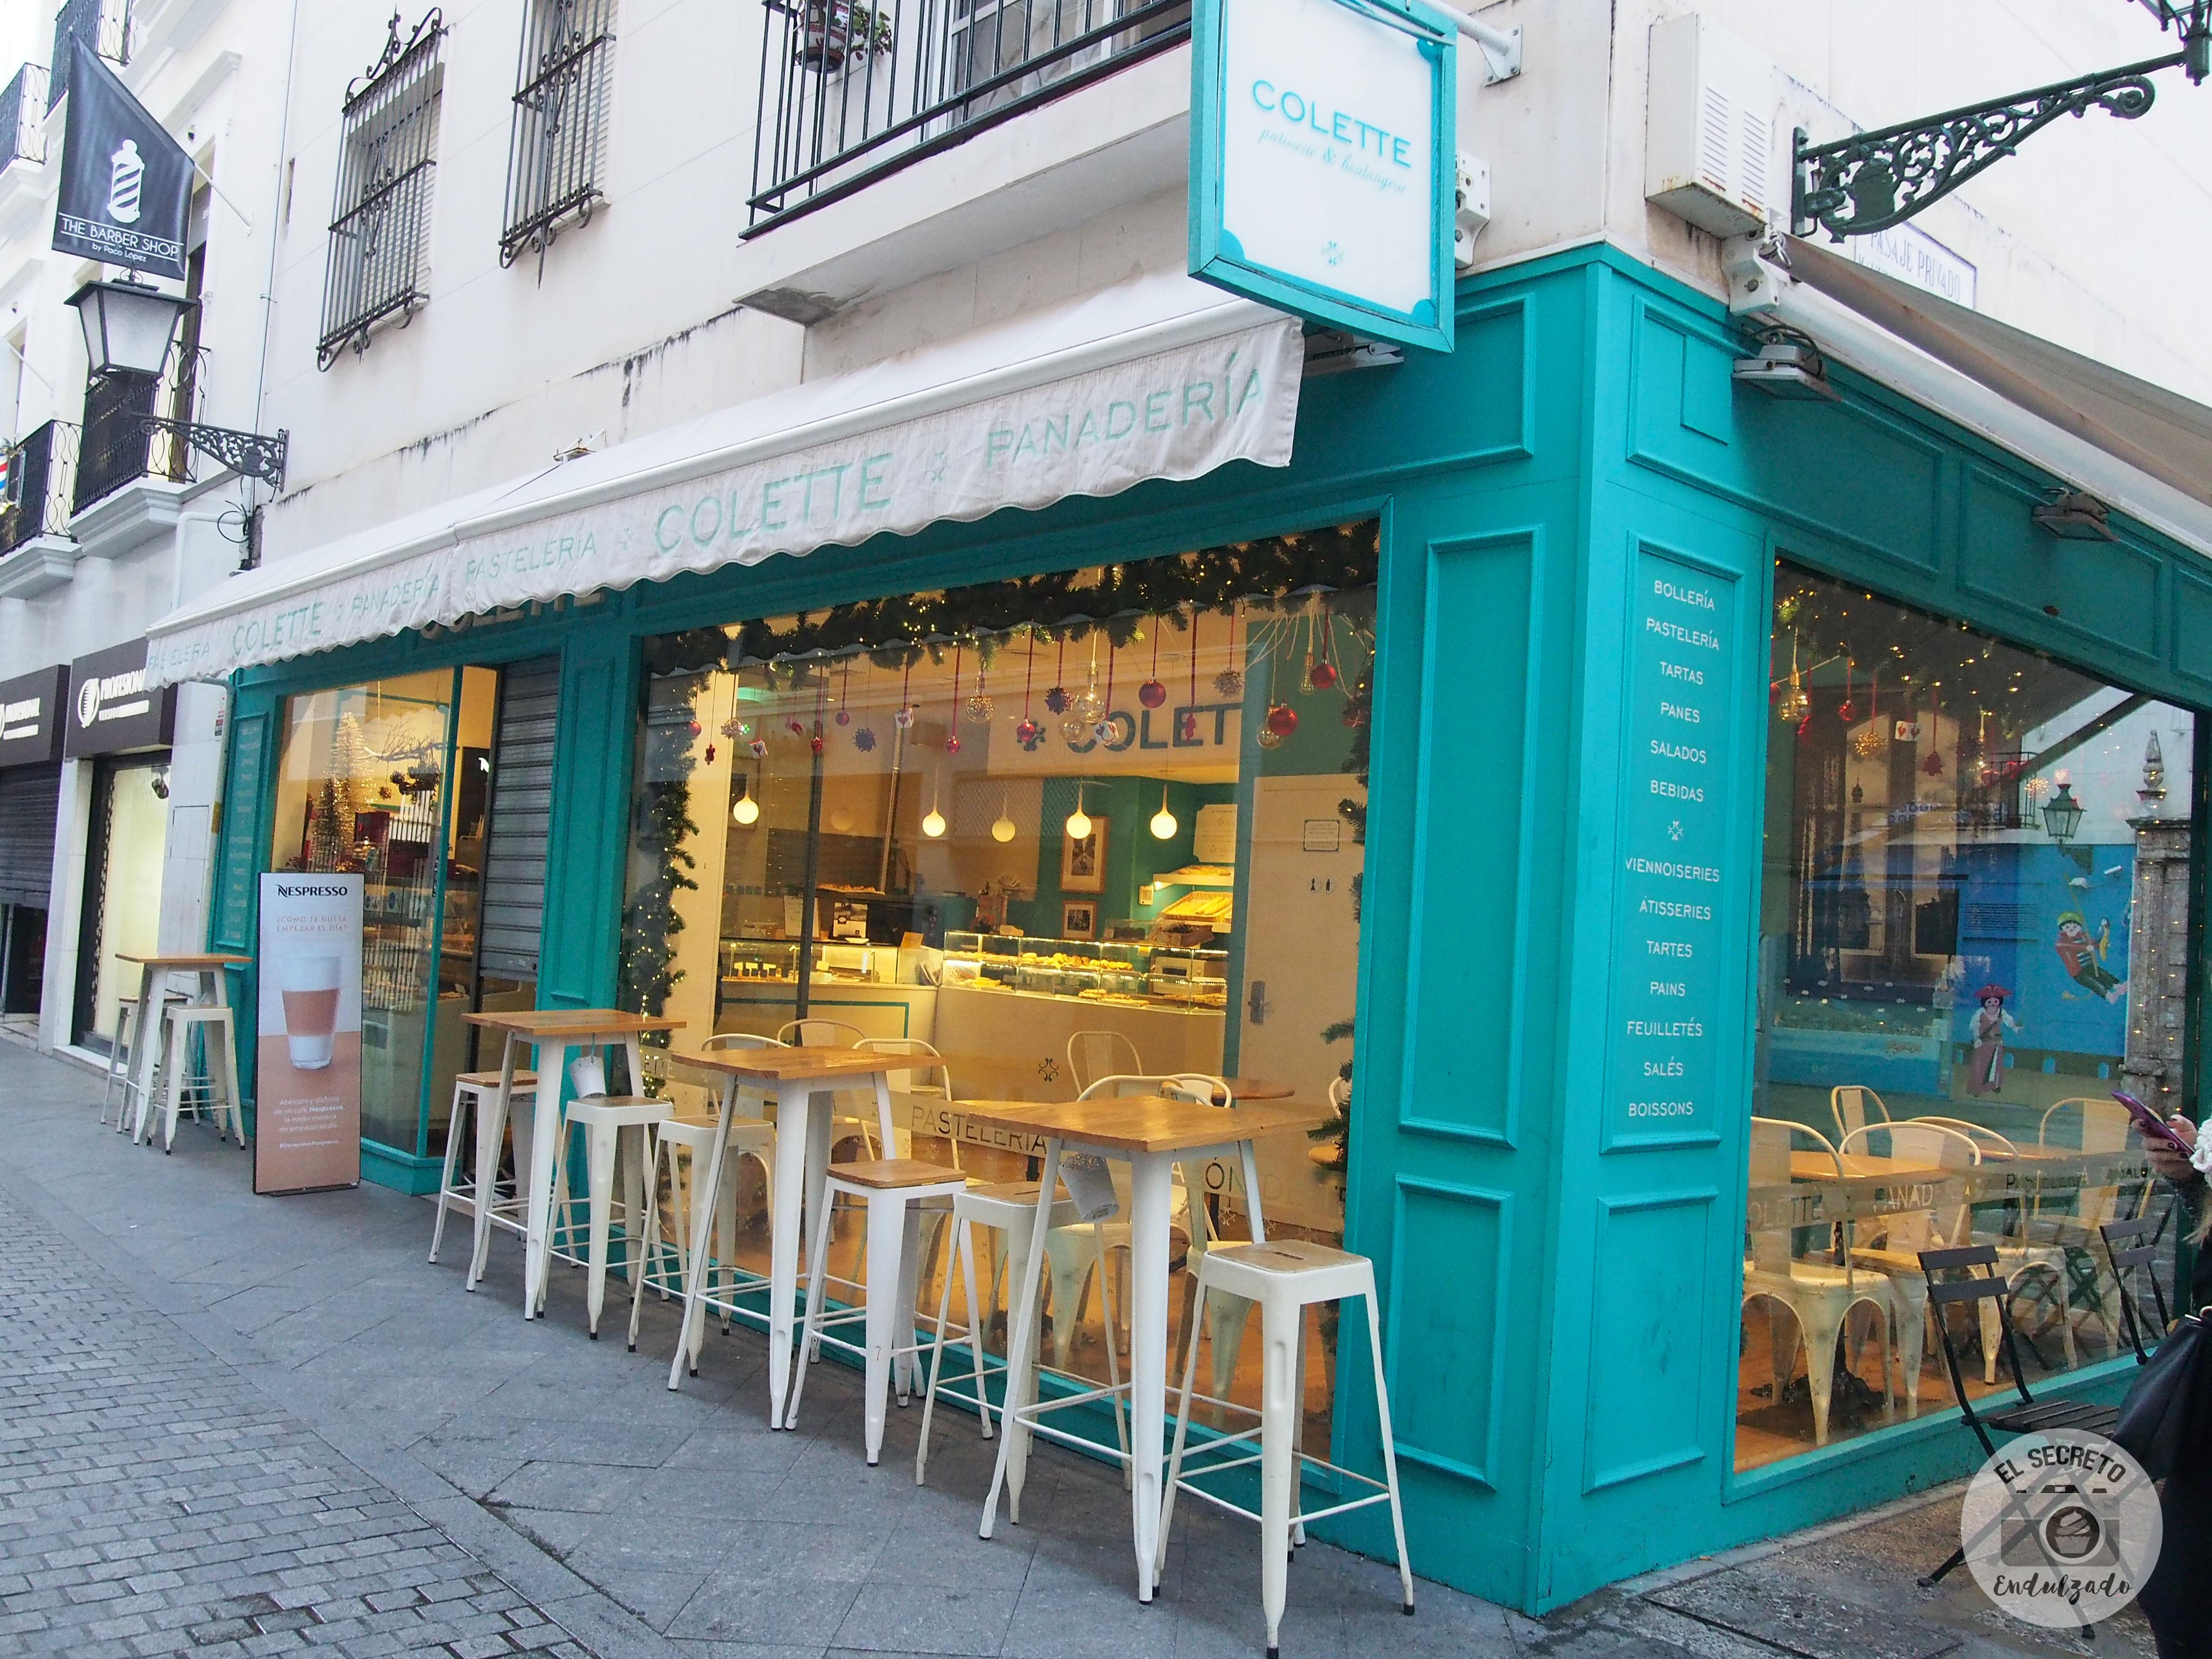 Sevilla Dulce - Colette